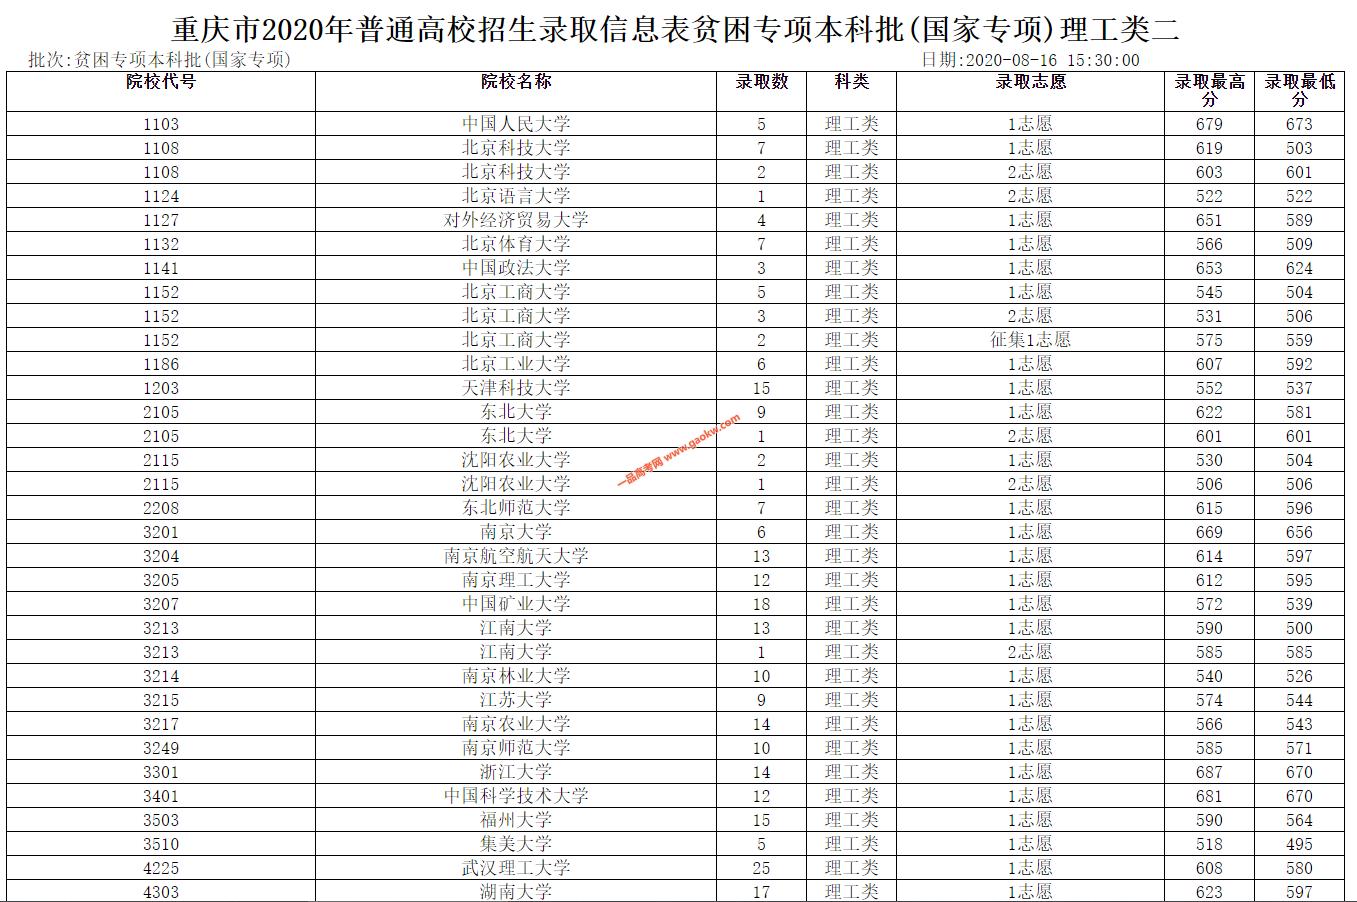 2020年重庆普通高校招生贫困专项本科批(国家专项)理工类二录取表